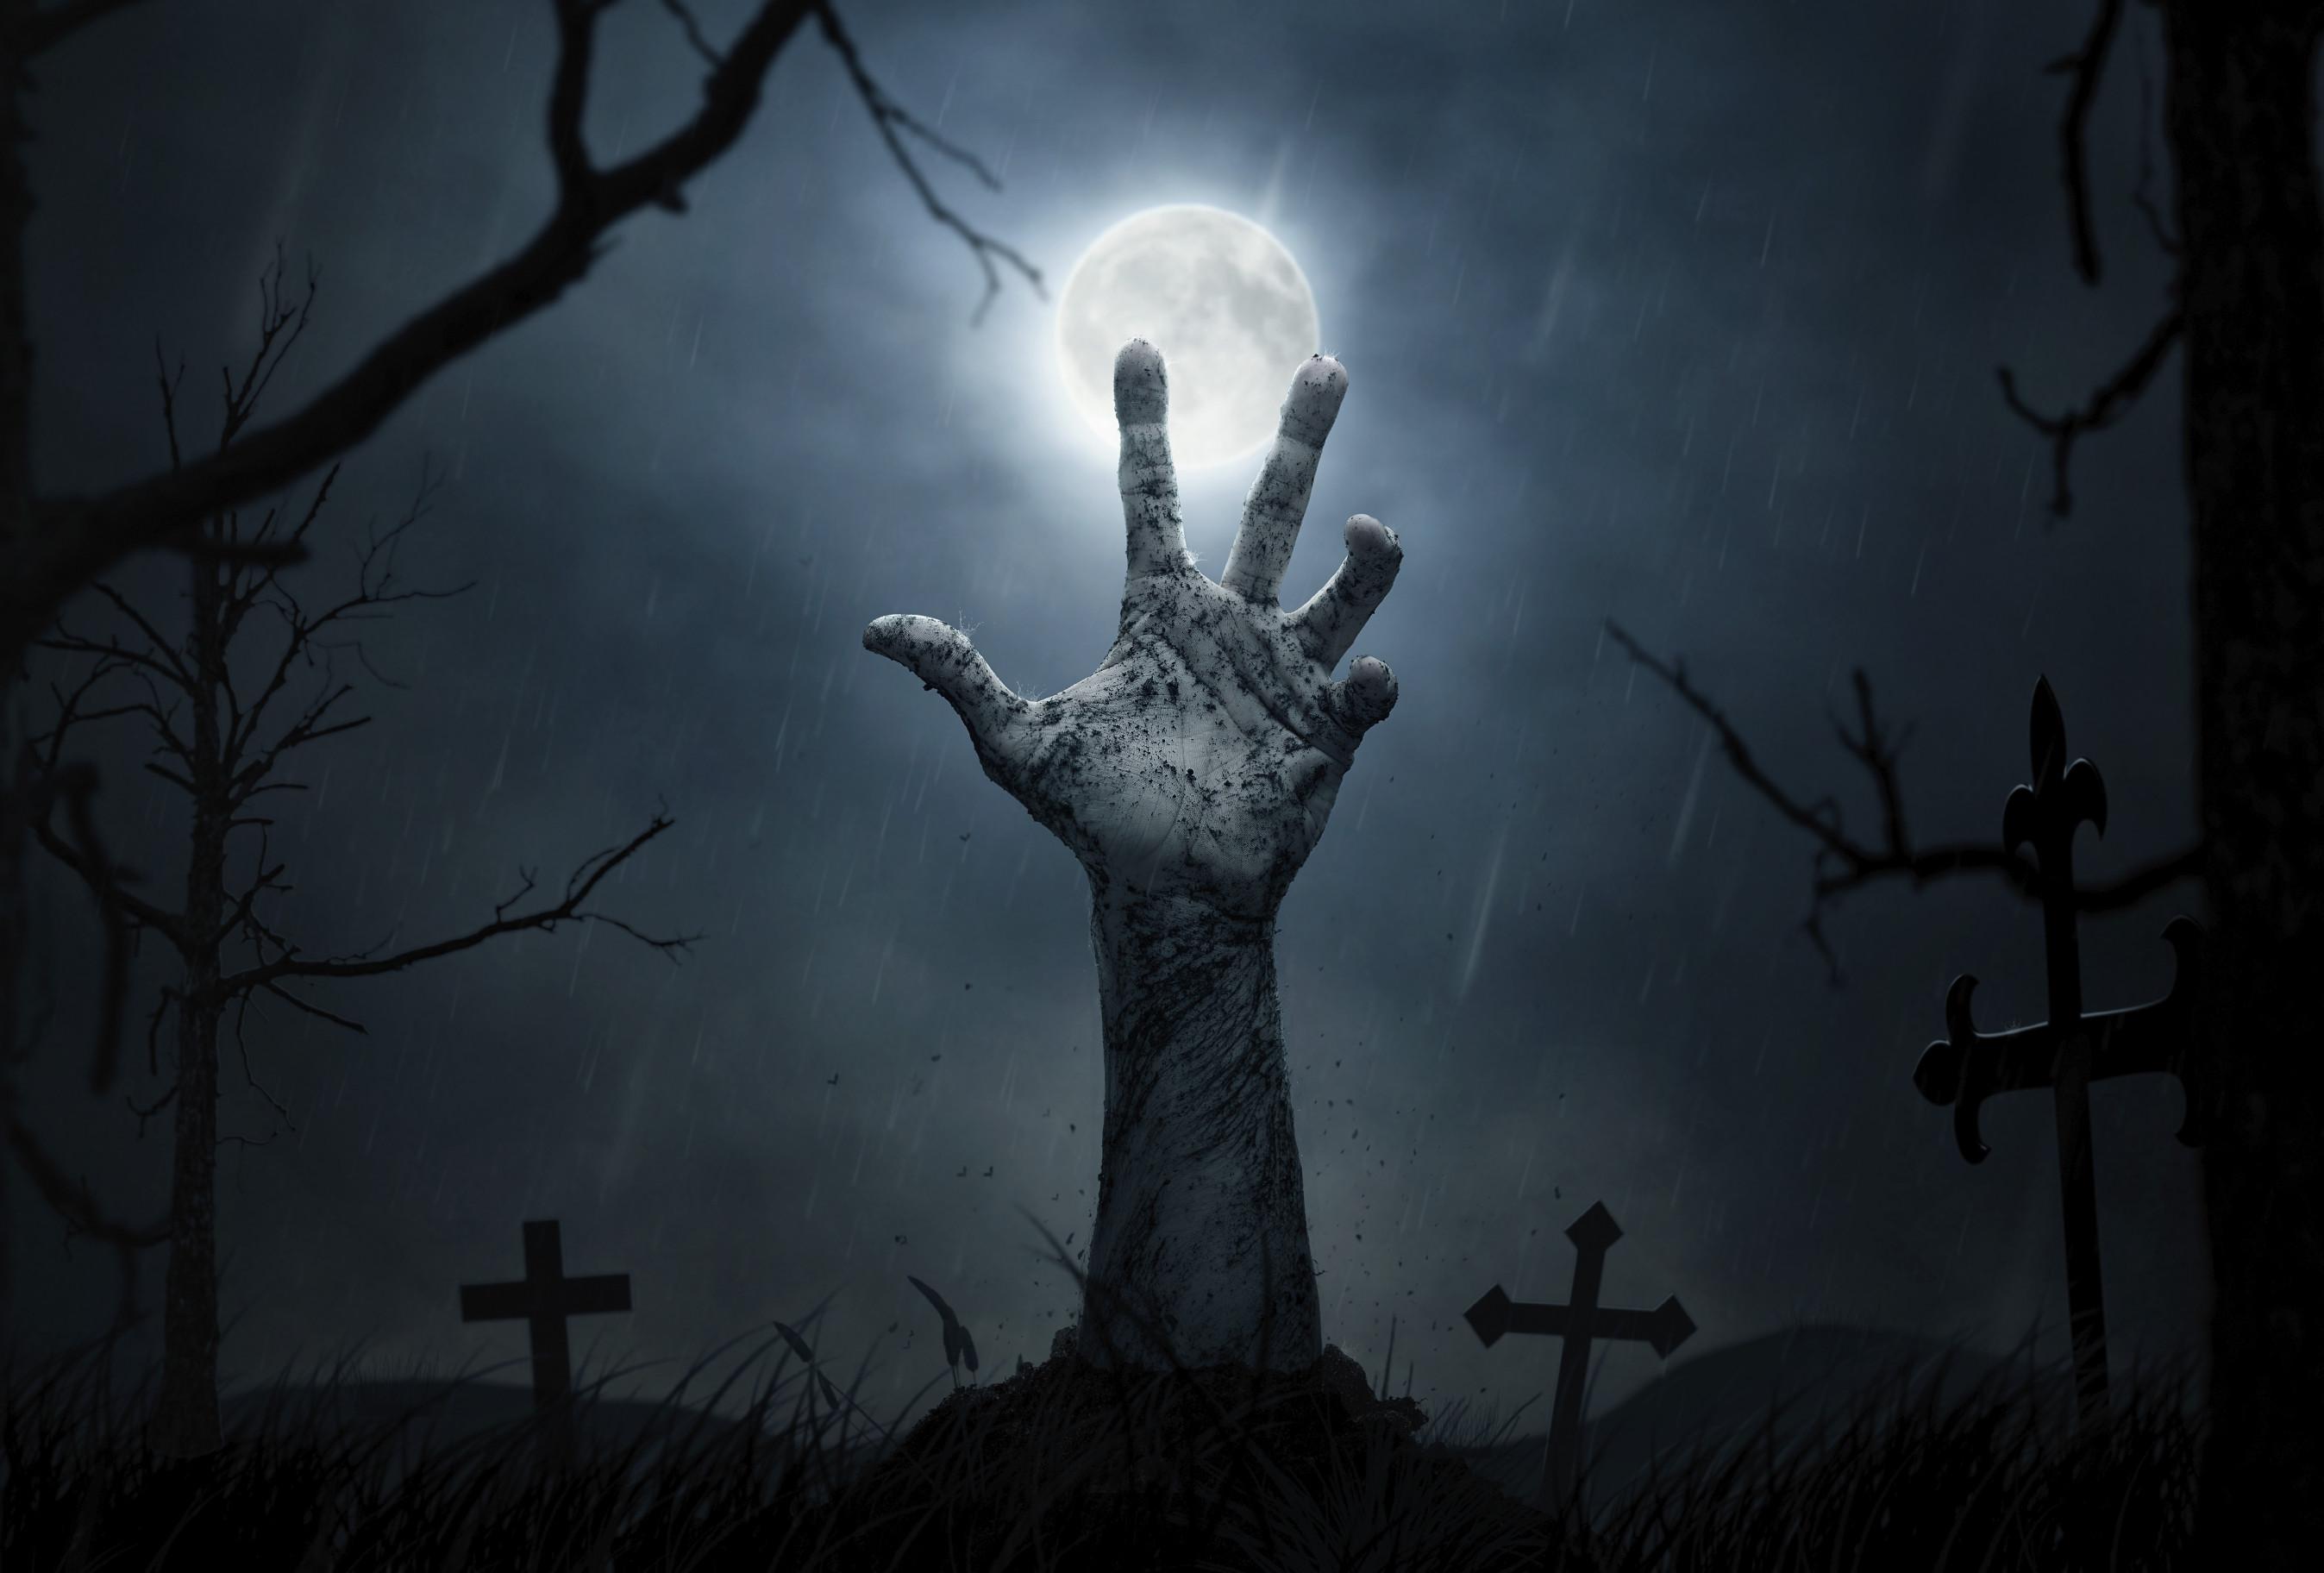 Dark – Hand Dark Grave Dirt Moon Tombstone Cross Wallpaper